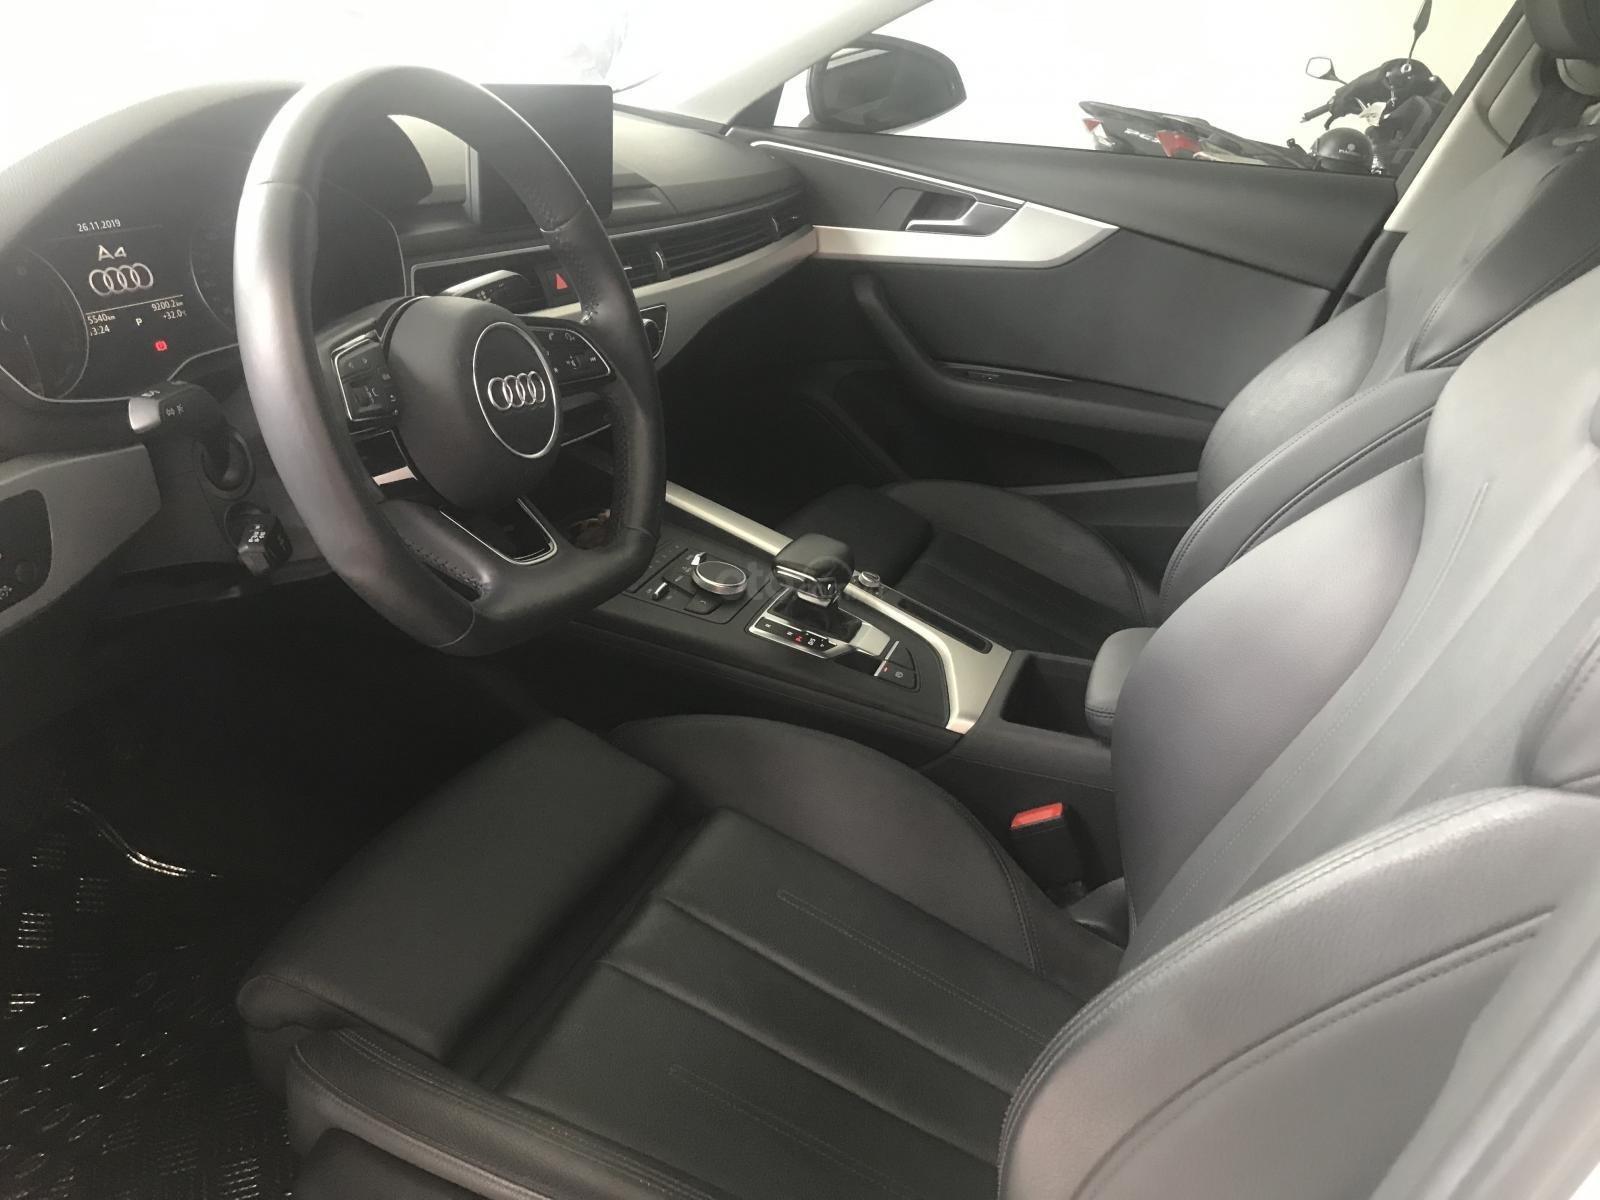 Bán Audi A4 2016 xe đi 25.000km, bảo hành chính hãng, mẫu mới nhất hiện nay, chất lượng xe bao kiểm tra hãng (7)